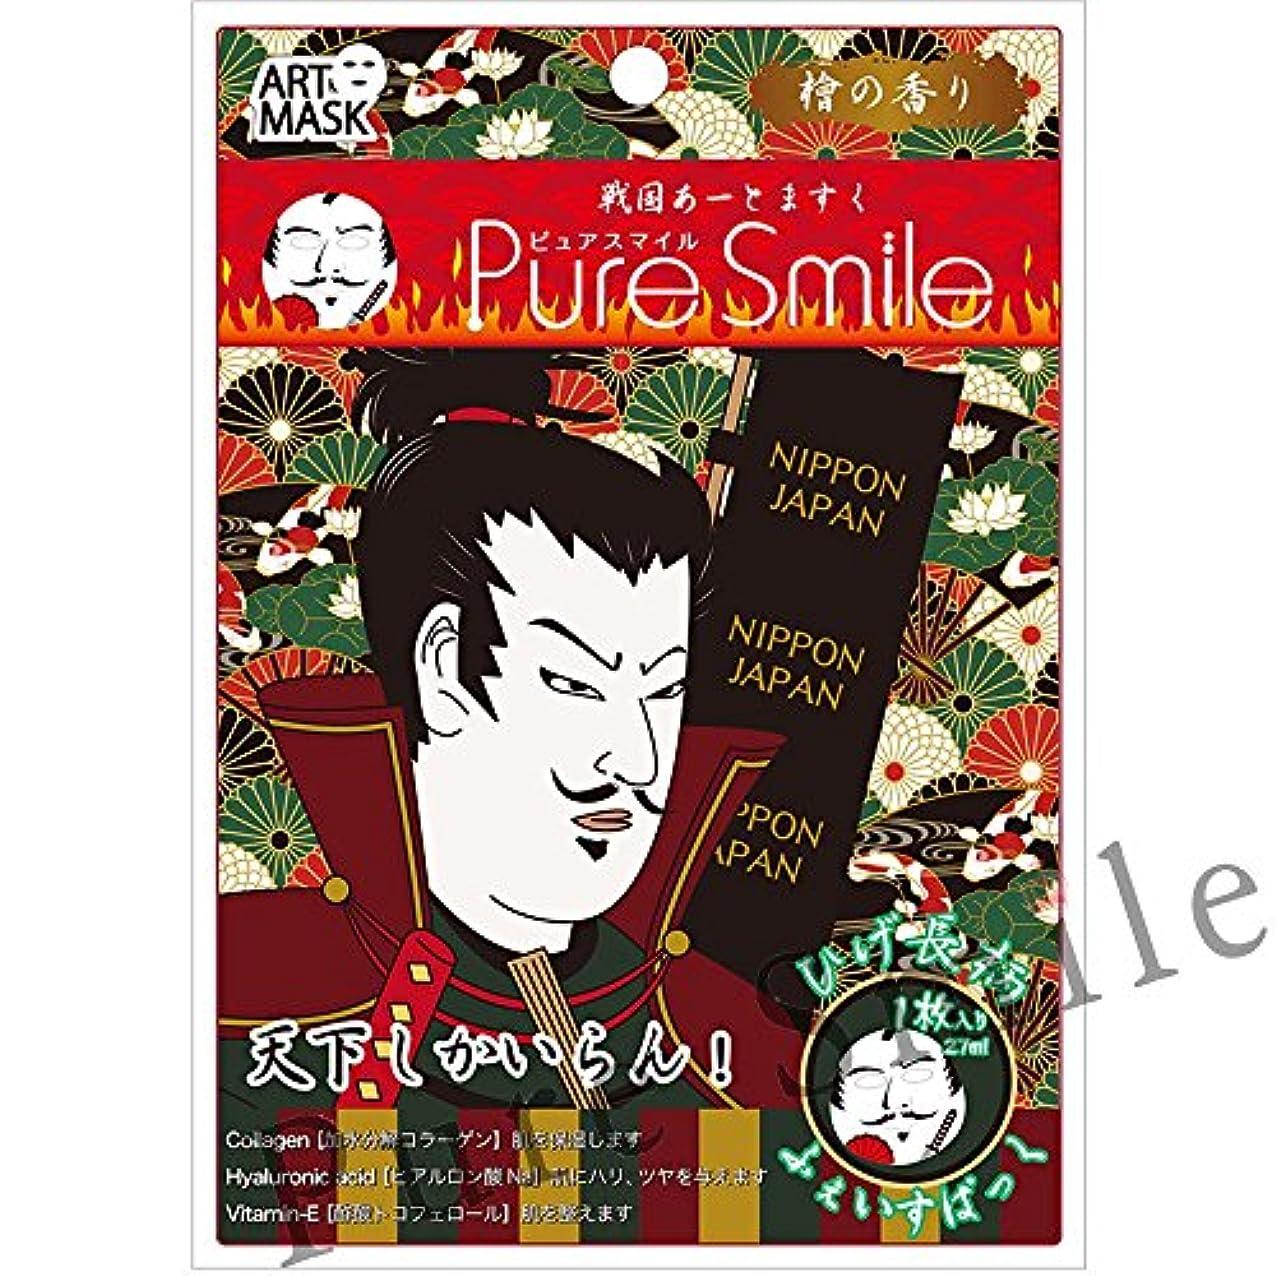 変化する雇う楽しむPure Smile(ピュアスマイル) フェイスマスク/アートマスク『戦国アートマスク』(ひげ長/檜の香り)